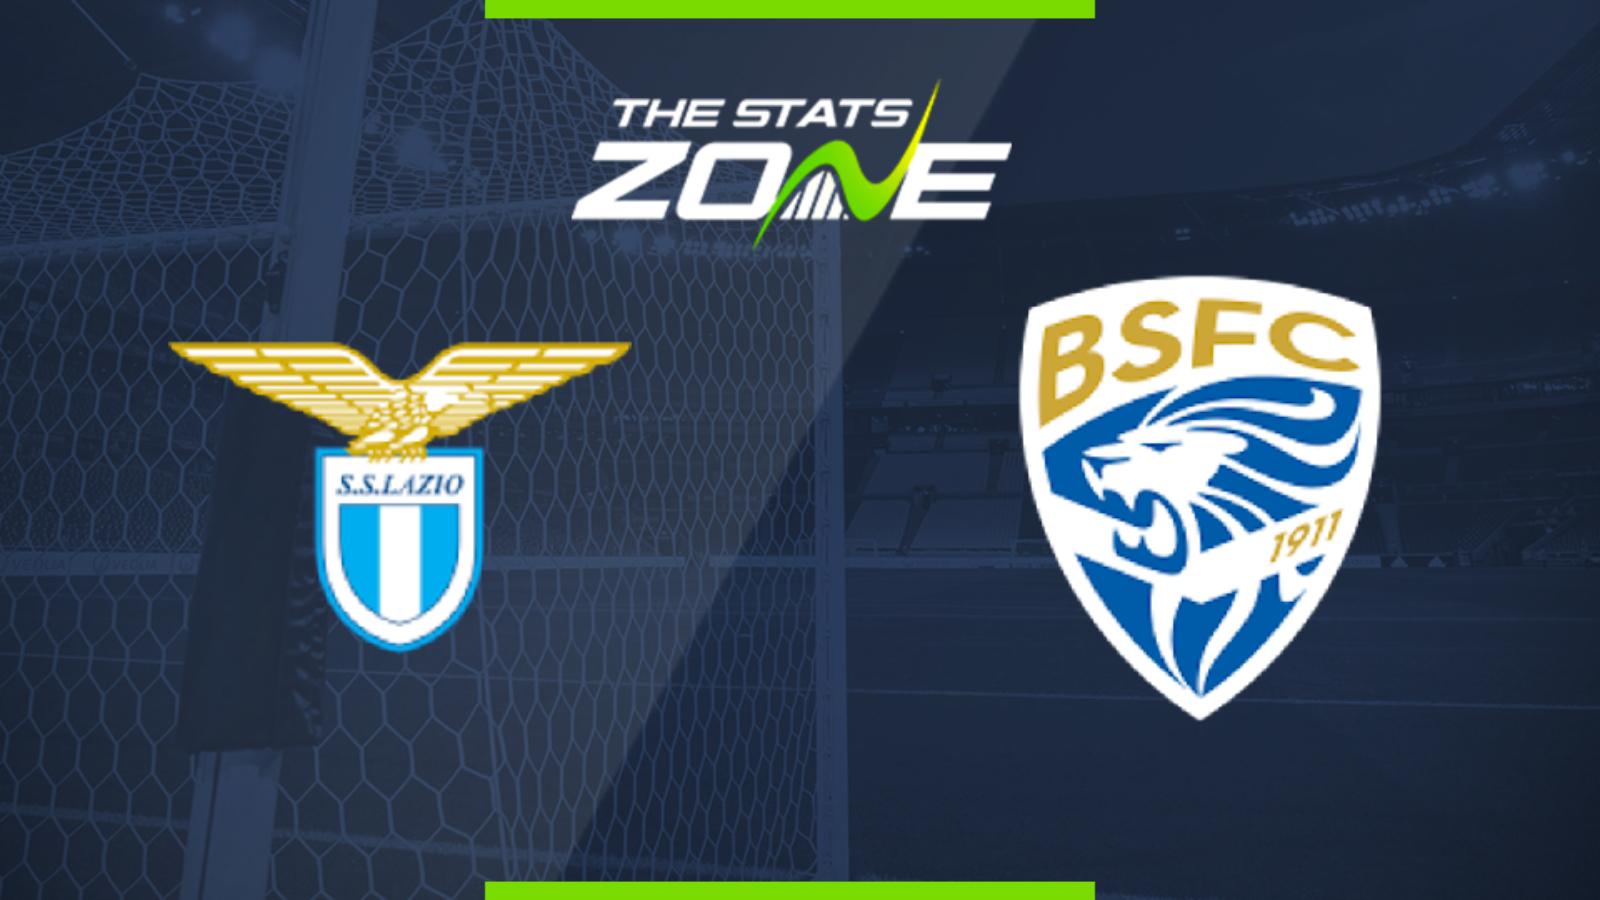 【足球直播】意甲第37輪:2020.07.30 01:30-拉素 VS 布雷西亞(S.S. Lazio VS Brescia)